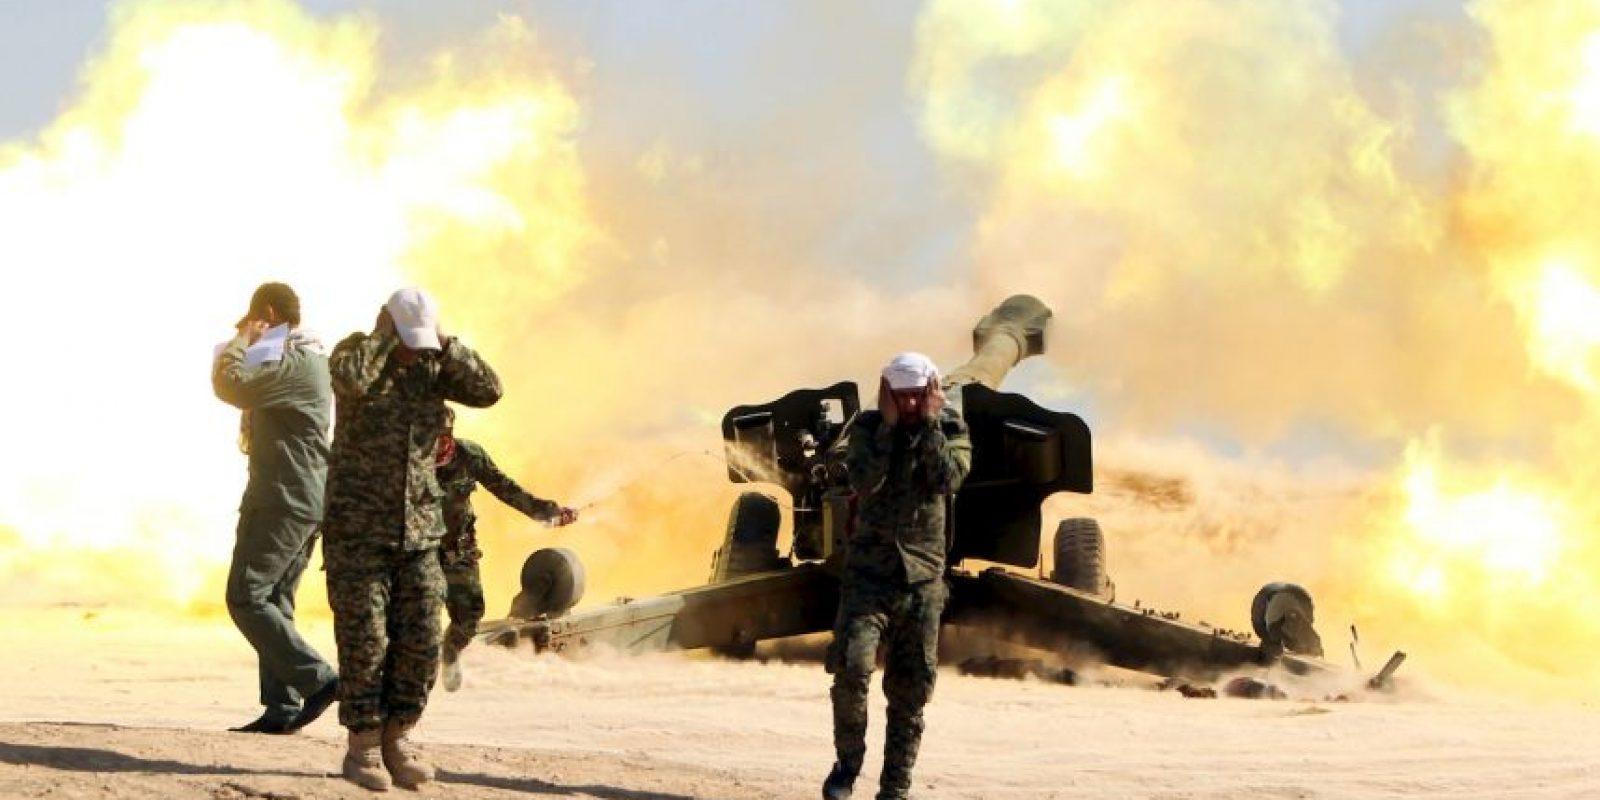 Entre las personas con menos educación, el 60% apoya la acción militar. Foto:AFP